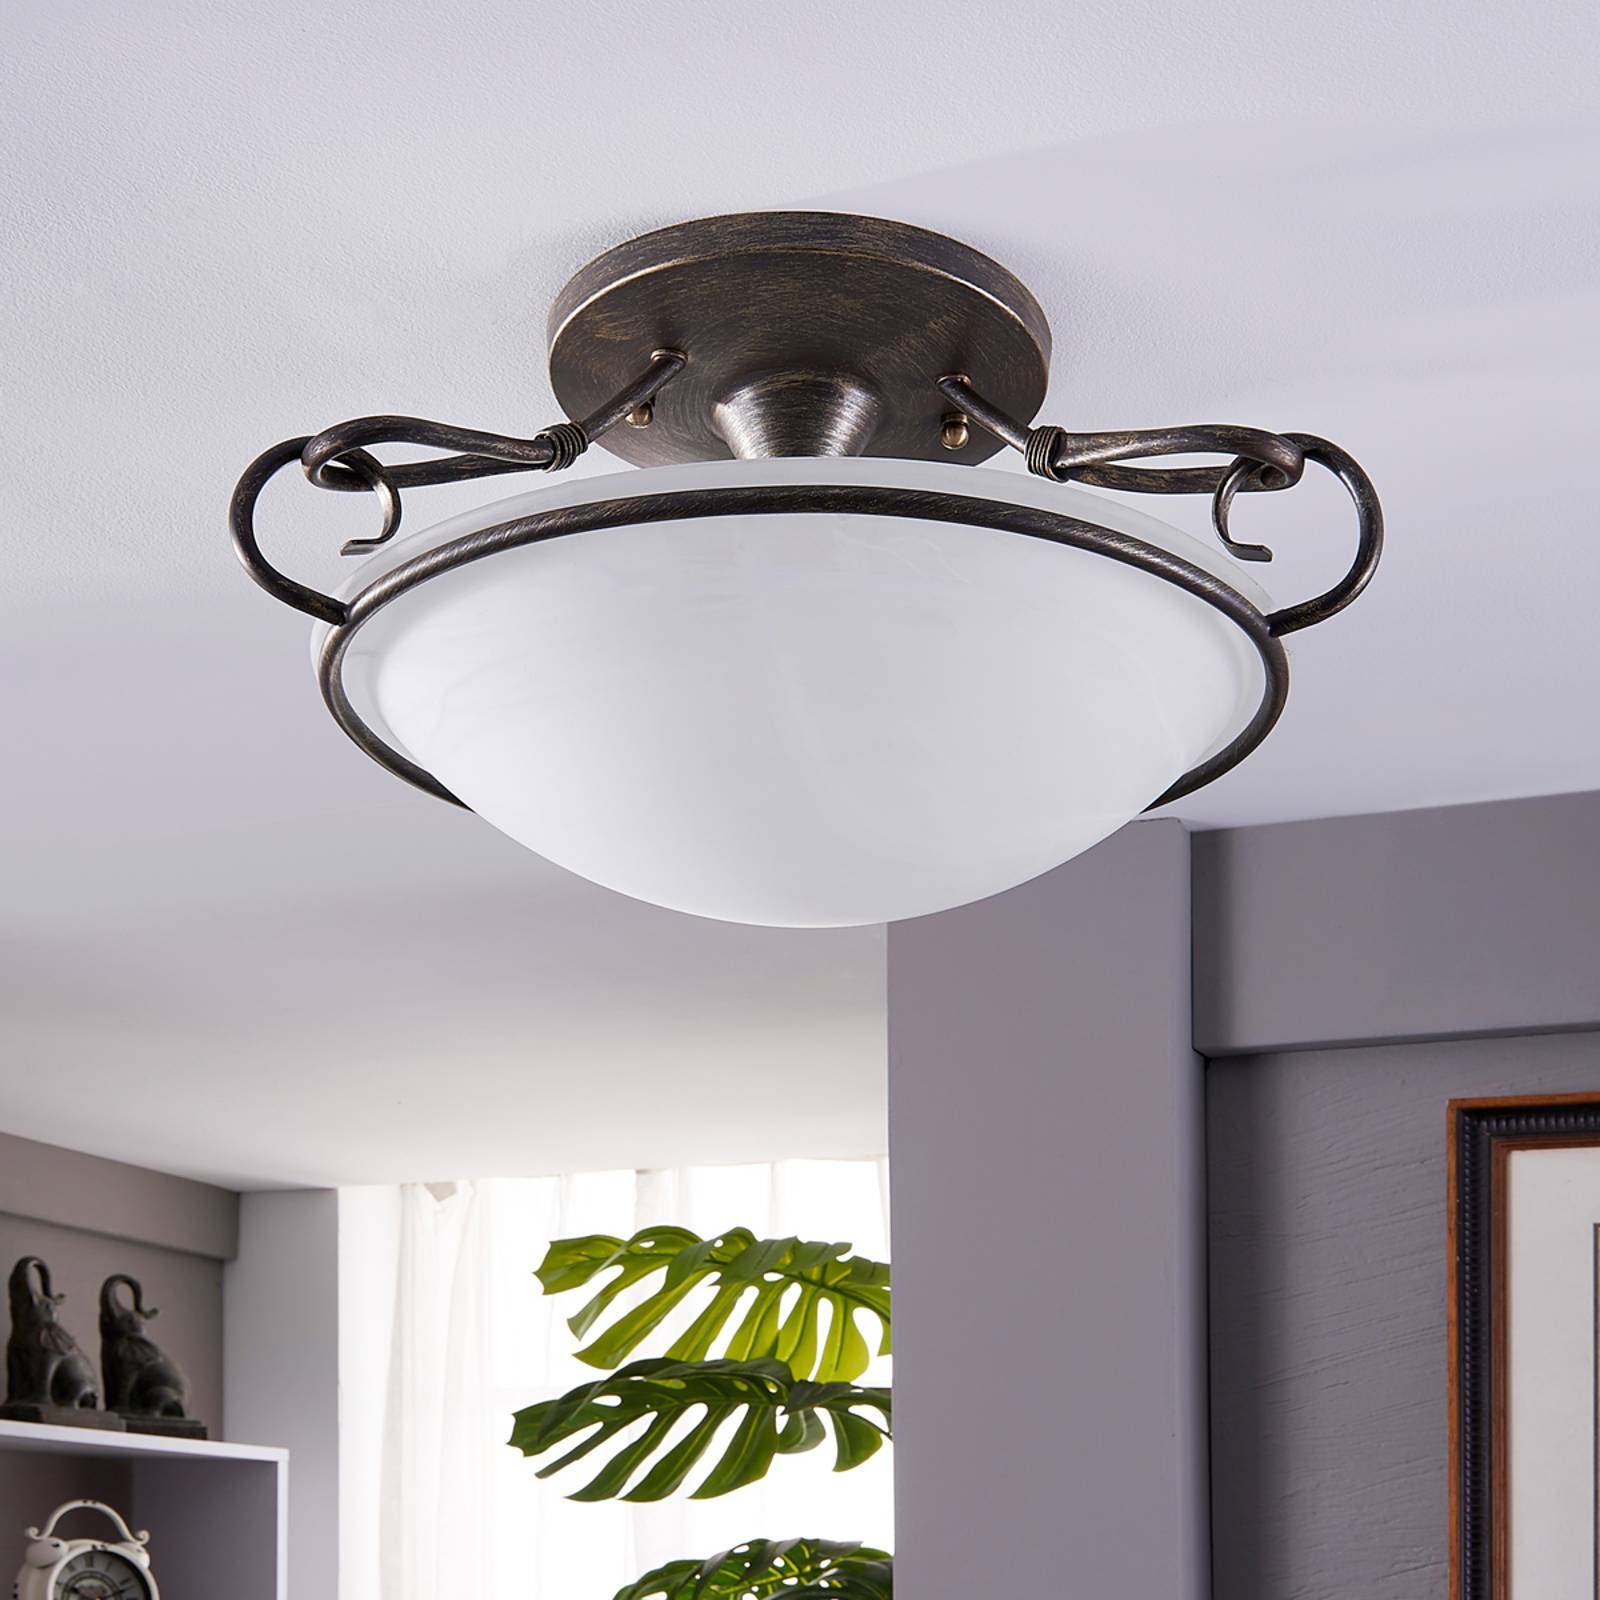 Szykowna lampa sufitowa Rando w stylu dworkowym